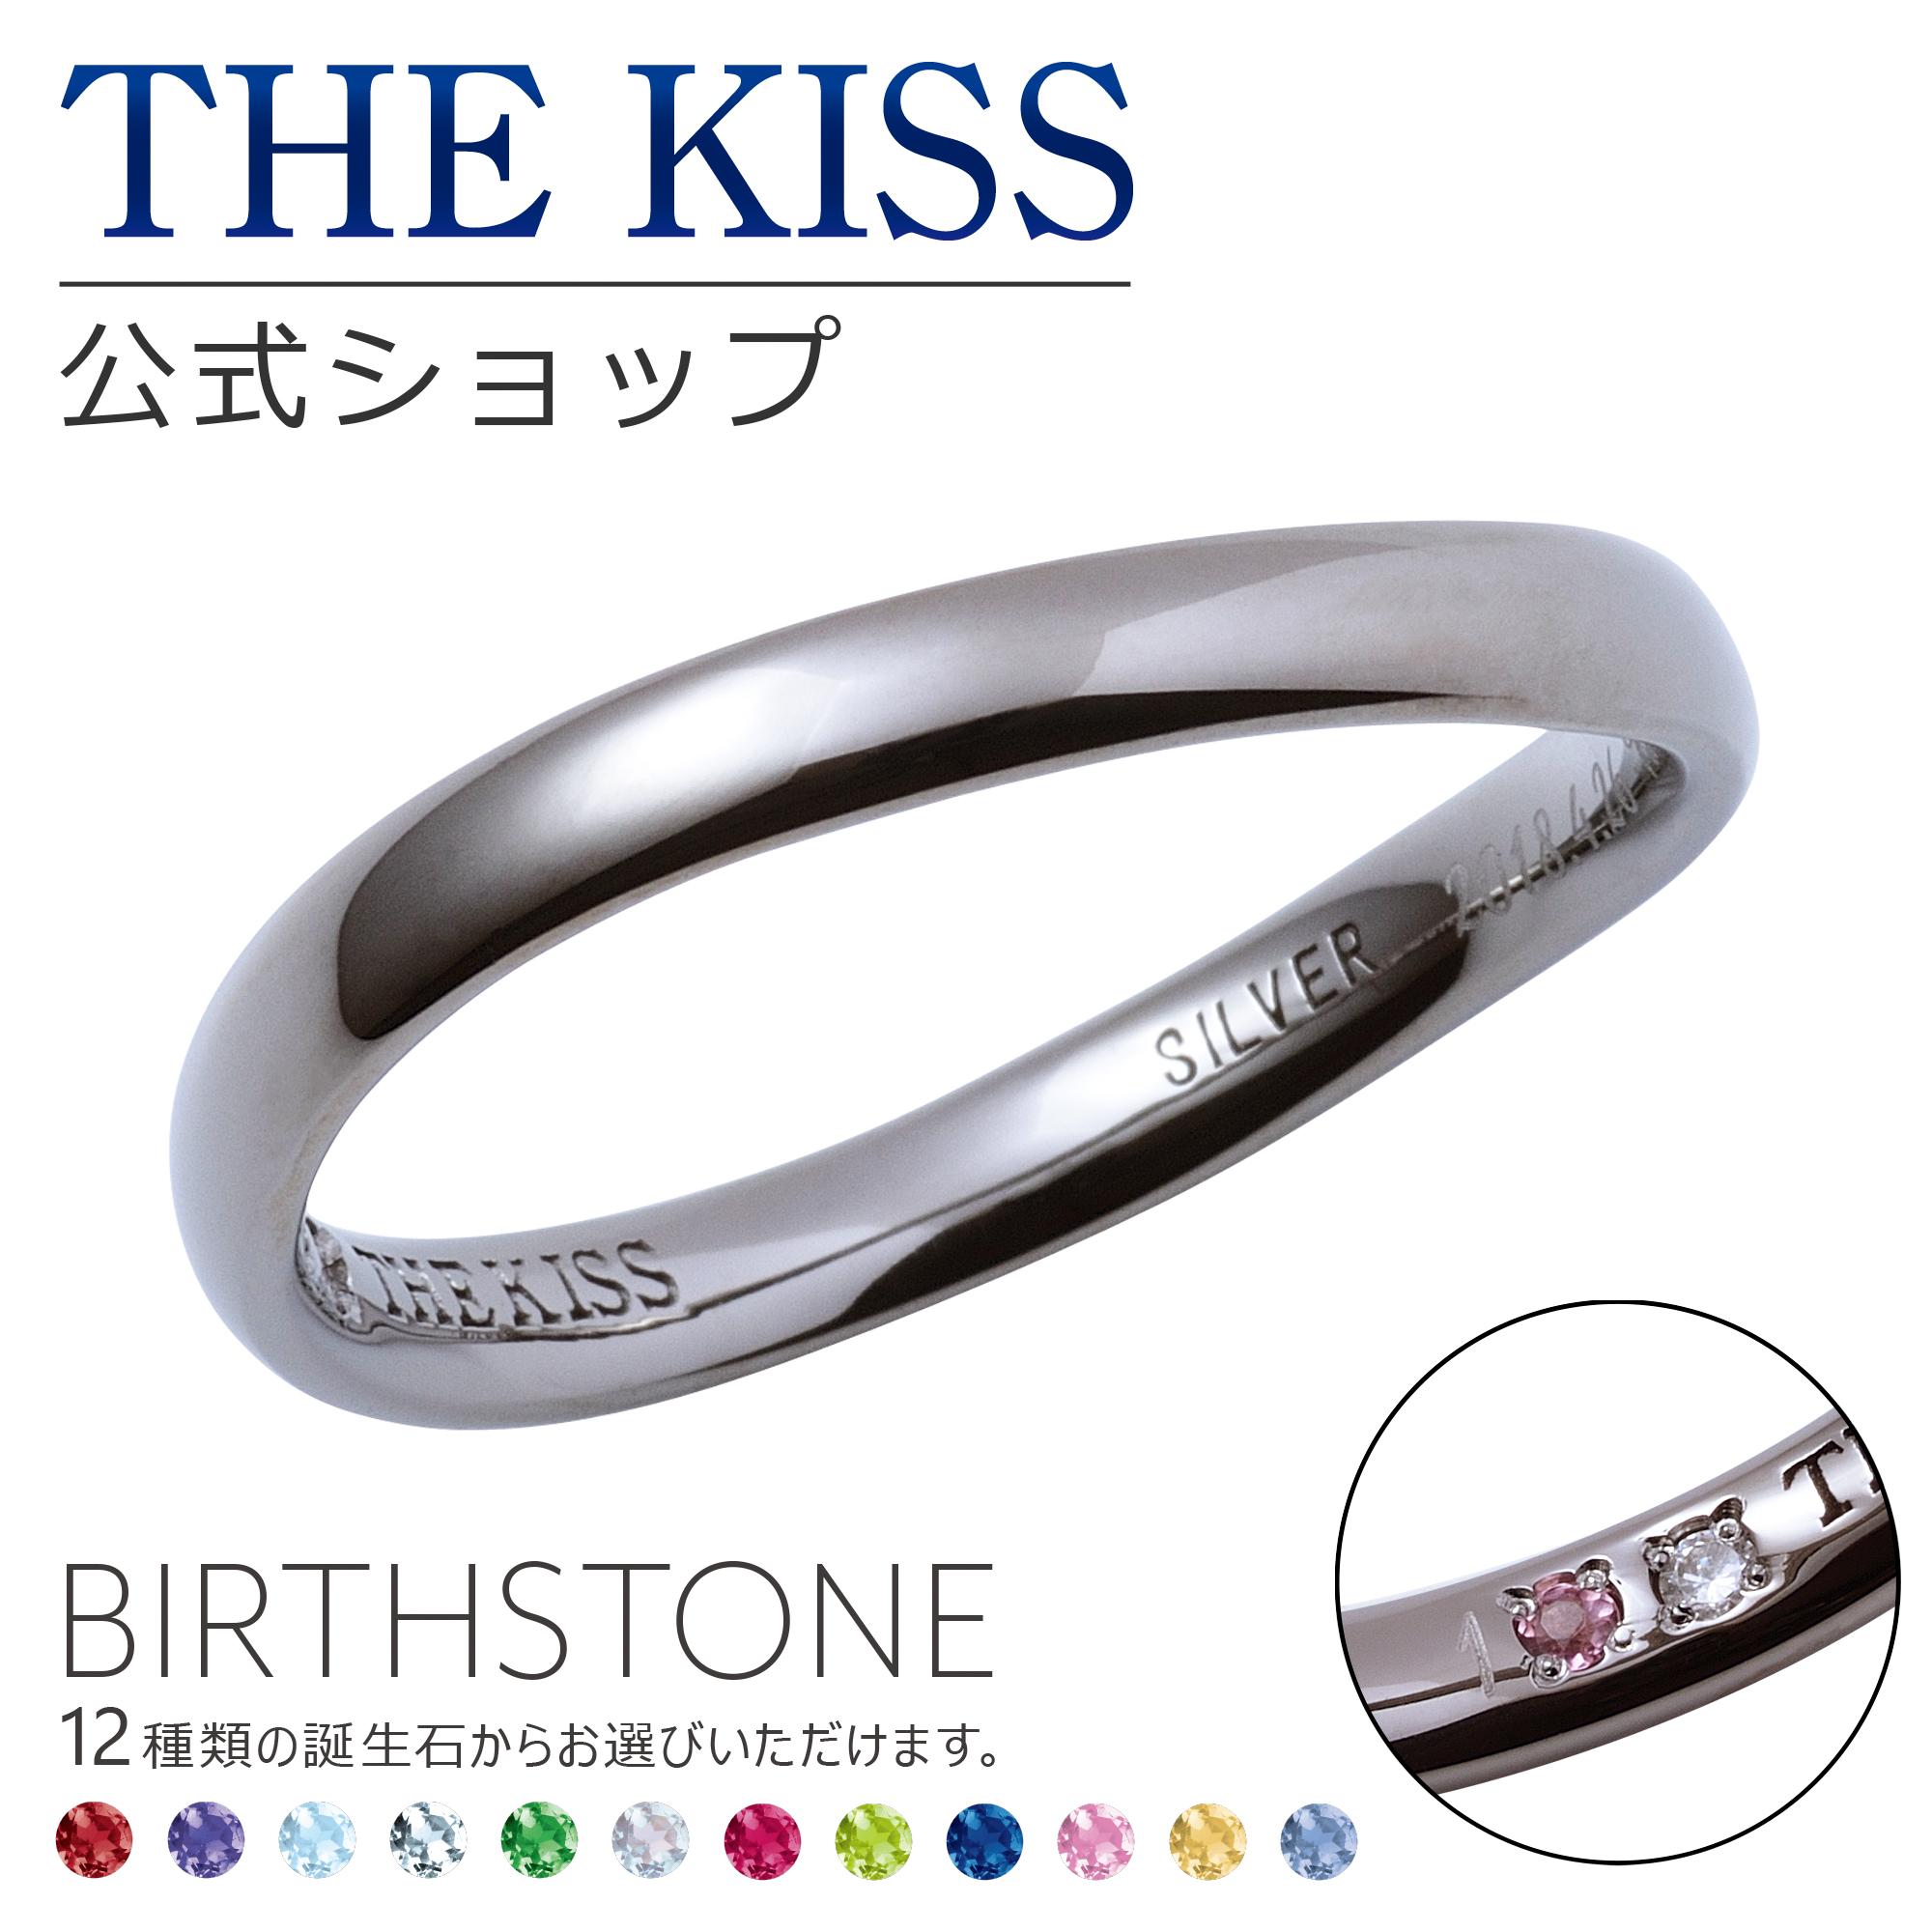 【刻印可_20文字】【代引不可】【THE KISS COUPLE'S】THE KISS 公式サイト セミオーダー シルバー ペアリング ( メンズ 単品 ) ペアアクセサリー カップル に 人気 の ジュエリーブランド THEKISS ペア リング・指輪 誕生石 ザキス BD-R1500SVBK 【送料無料】